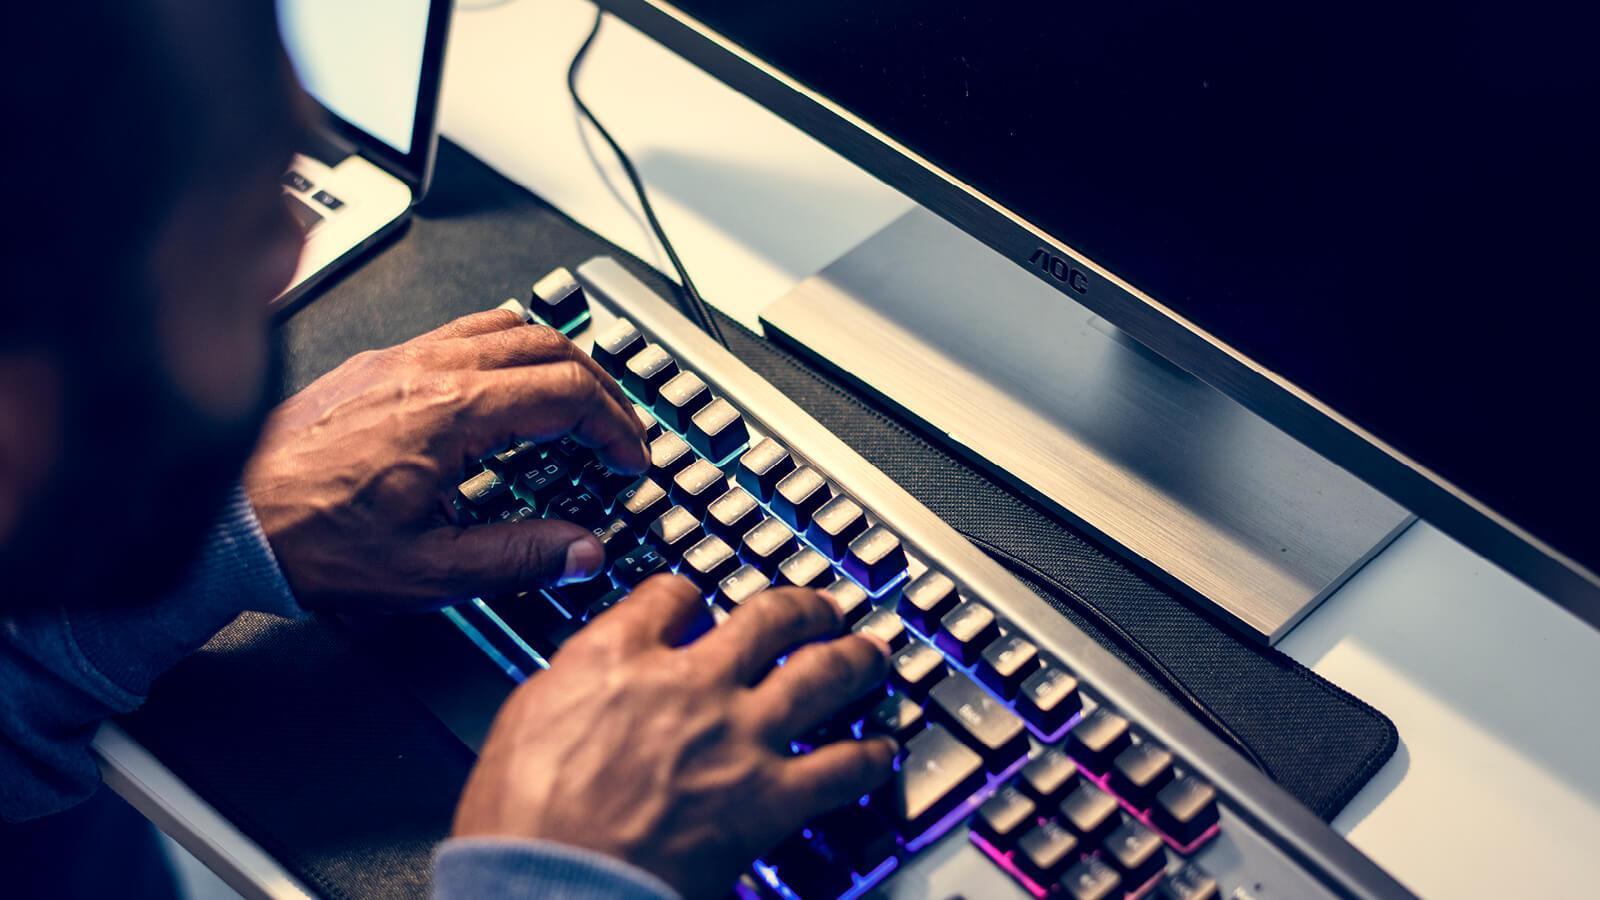 Mand der sidder og prøver at komme ind på din maskine, men kan ikke fordi du har Azure Information Protection